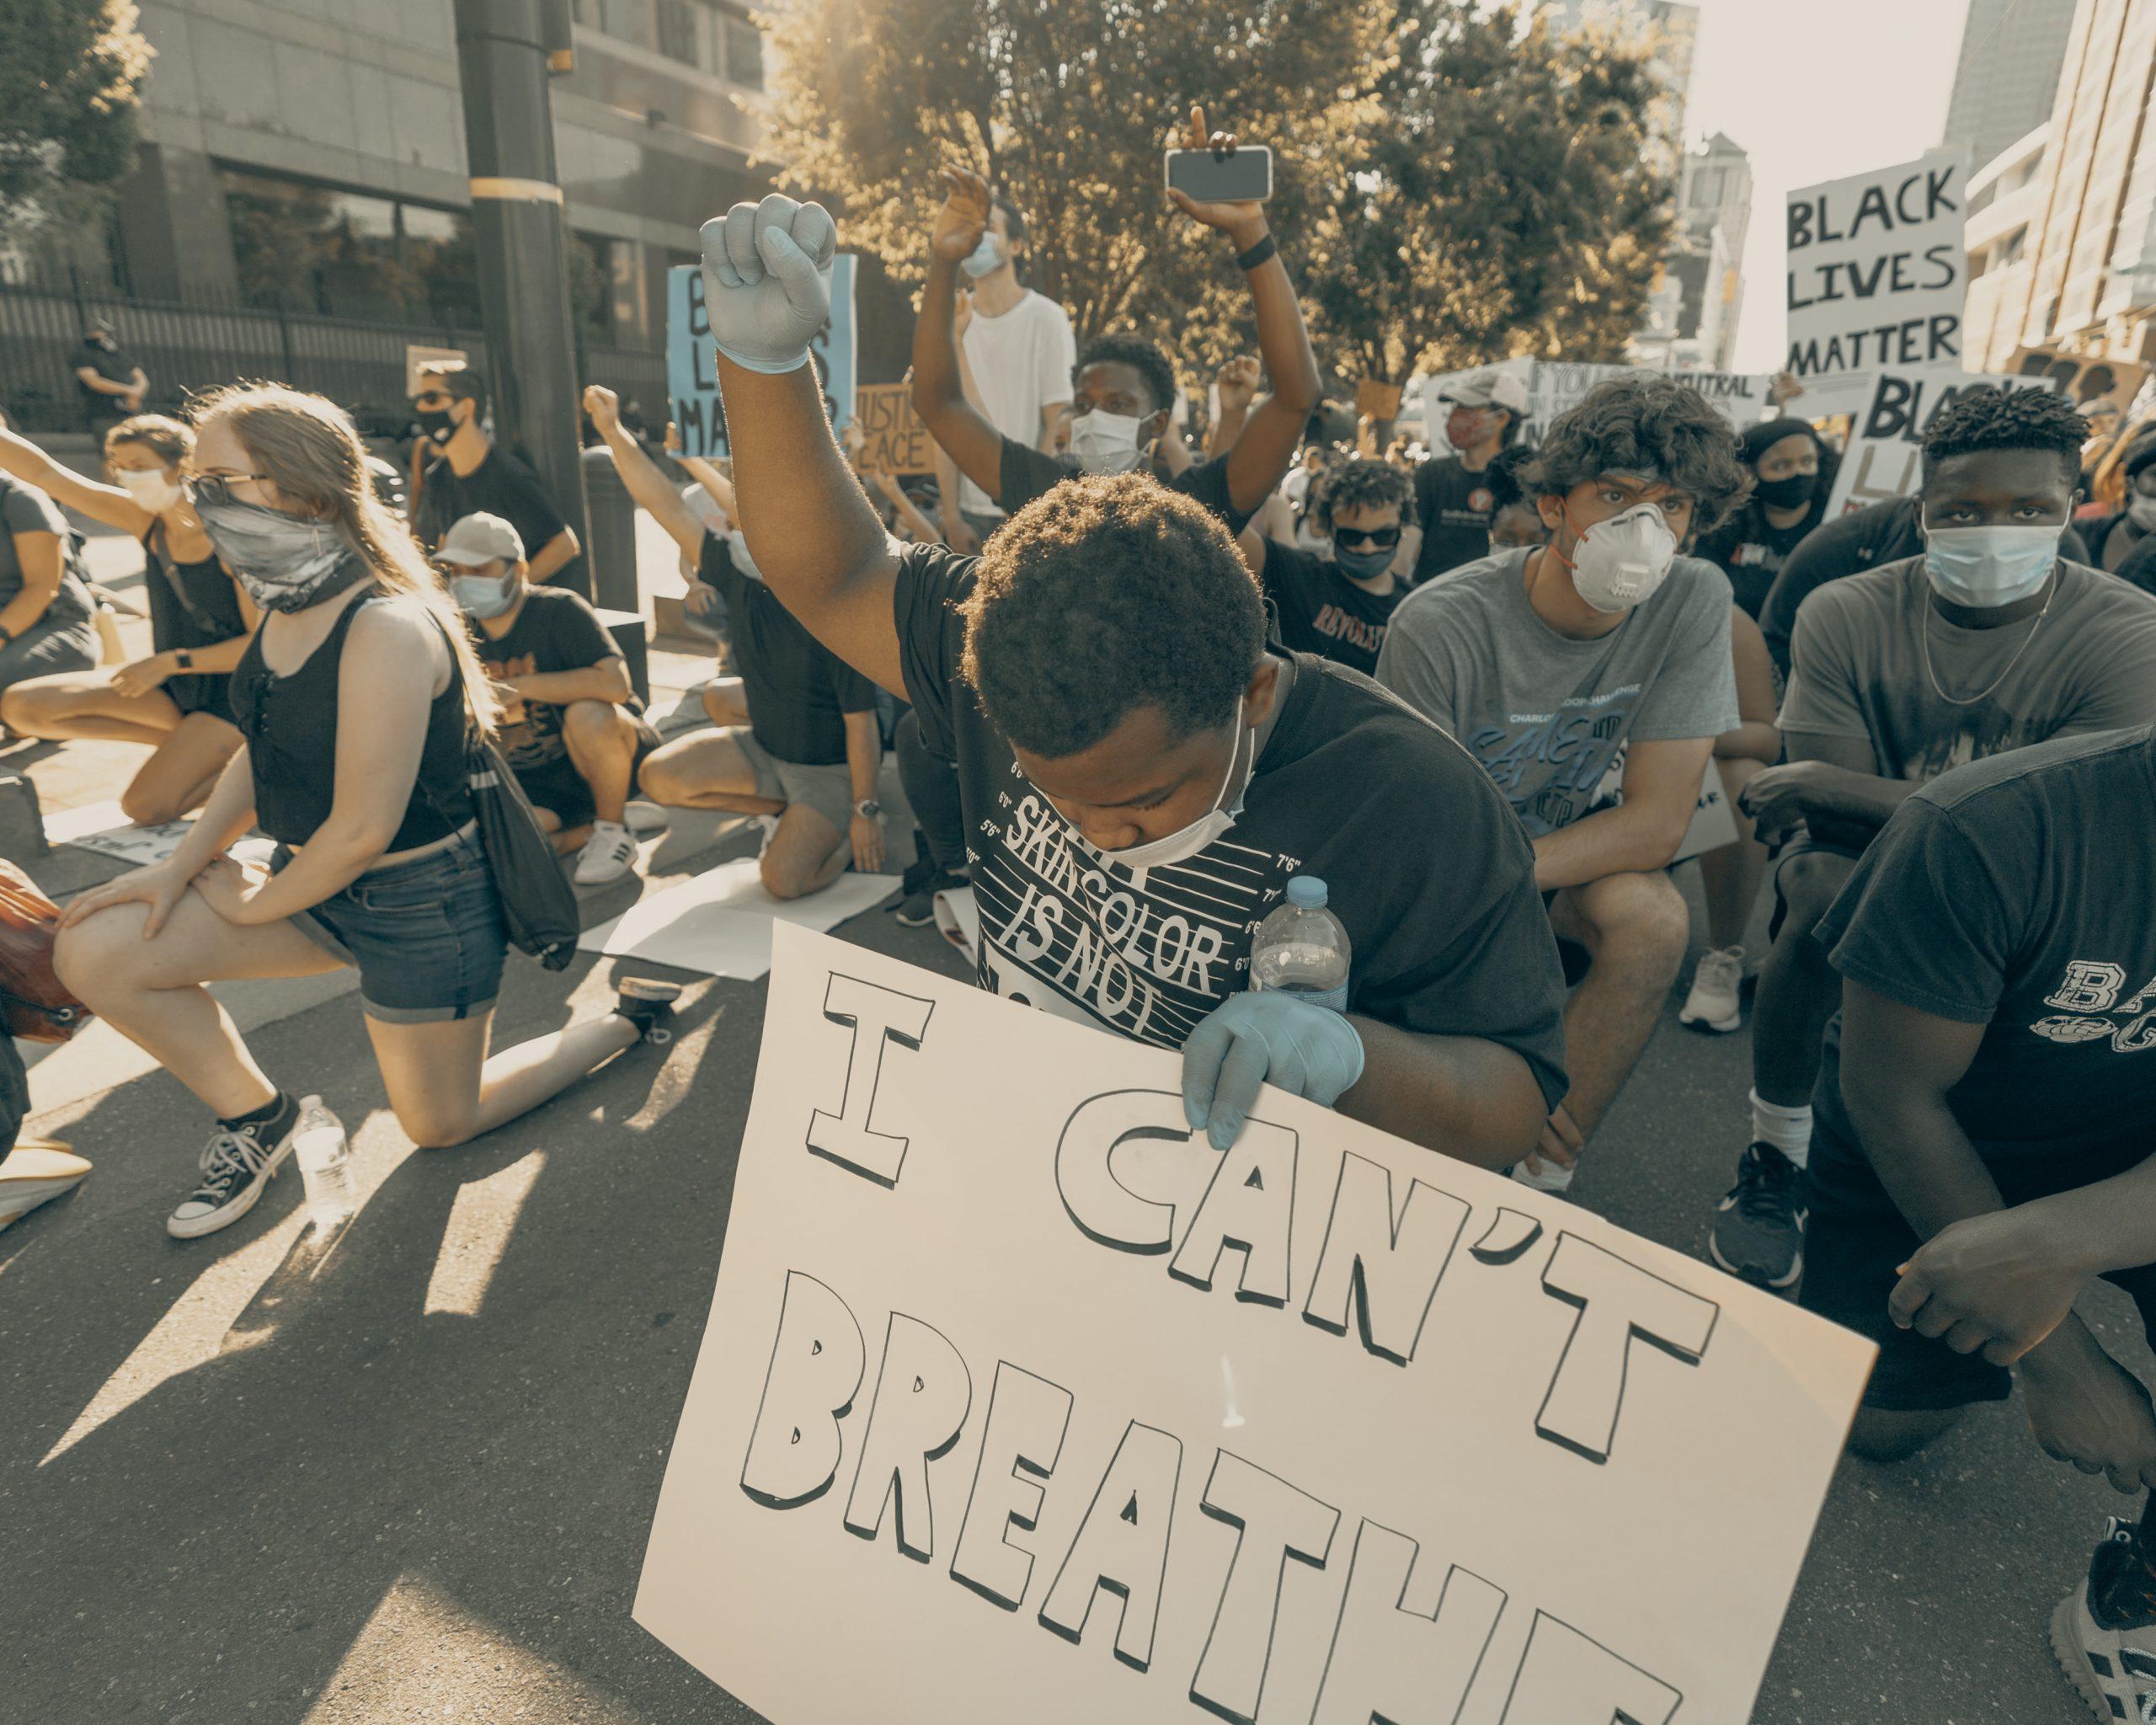 Clay banks, Protests in North Carolina